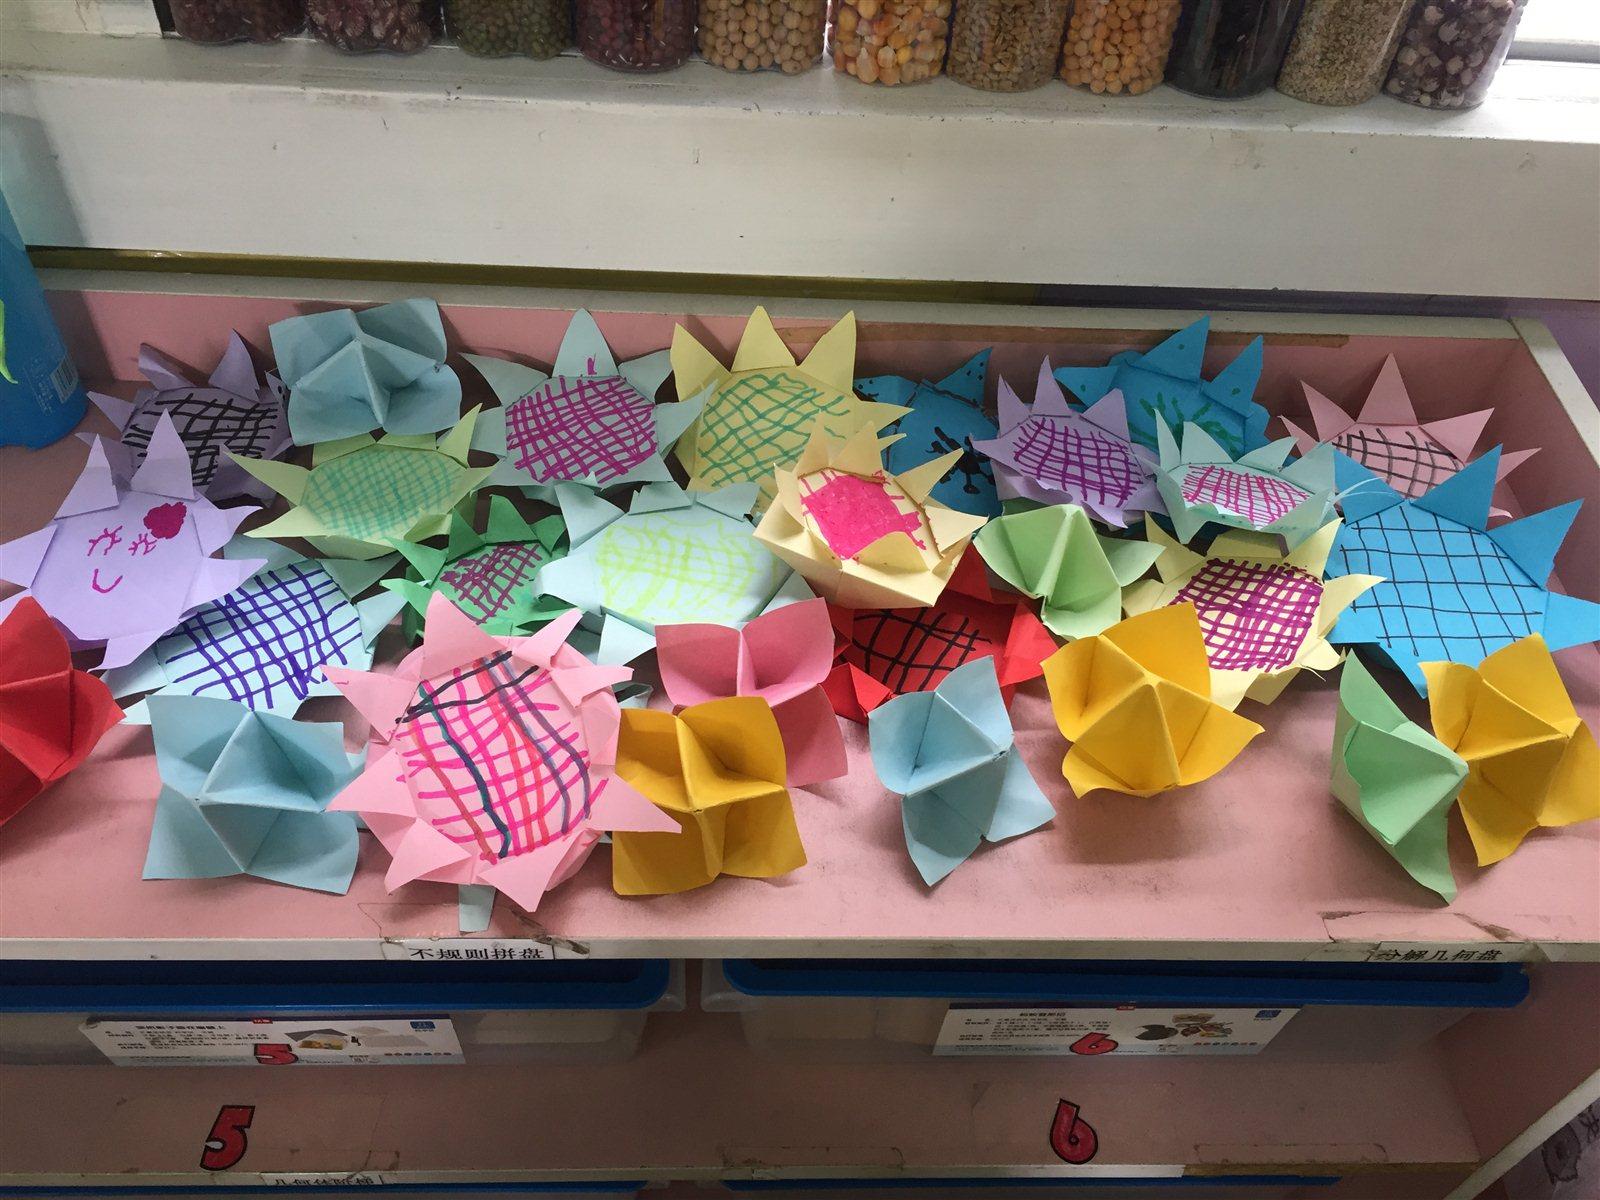 课后及时将材料投放到区域中,让幼儿随时有纸可折,在无形中起到对已学